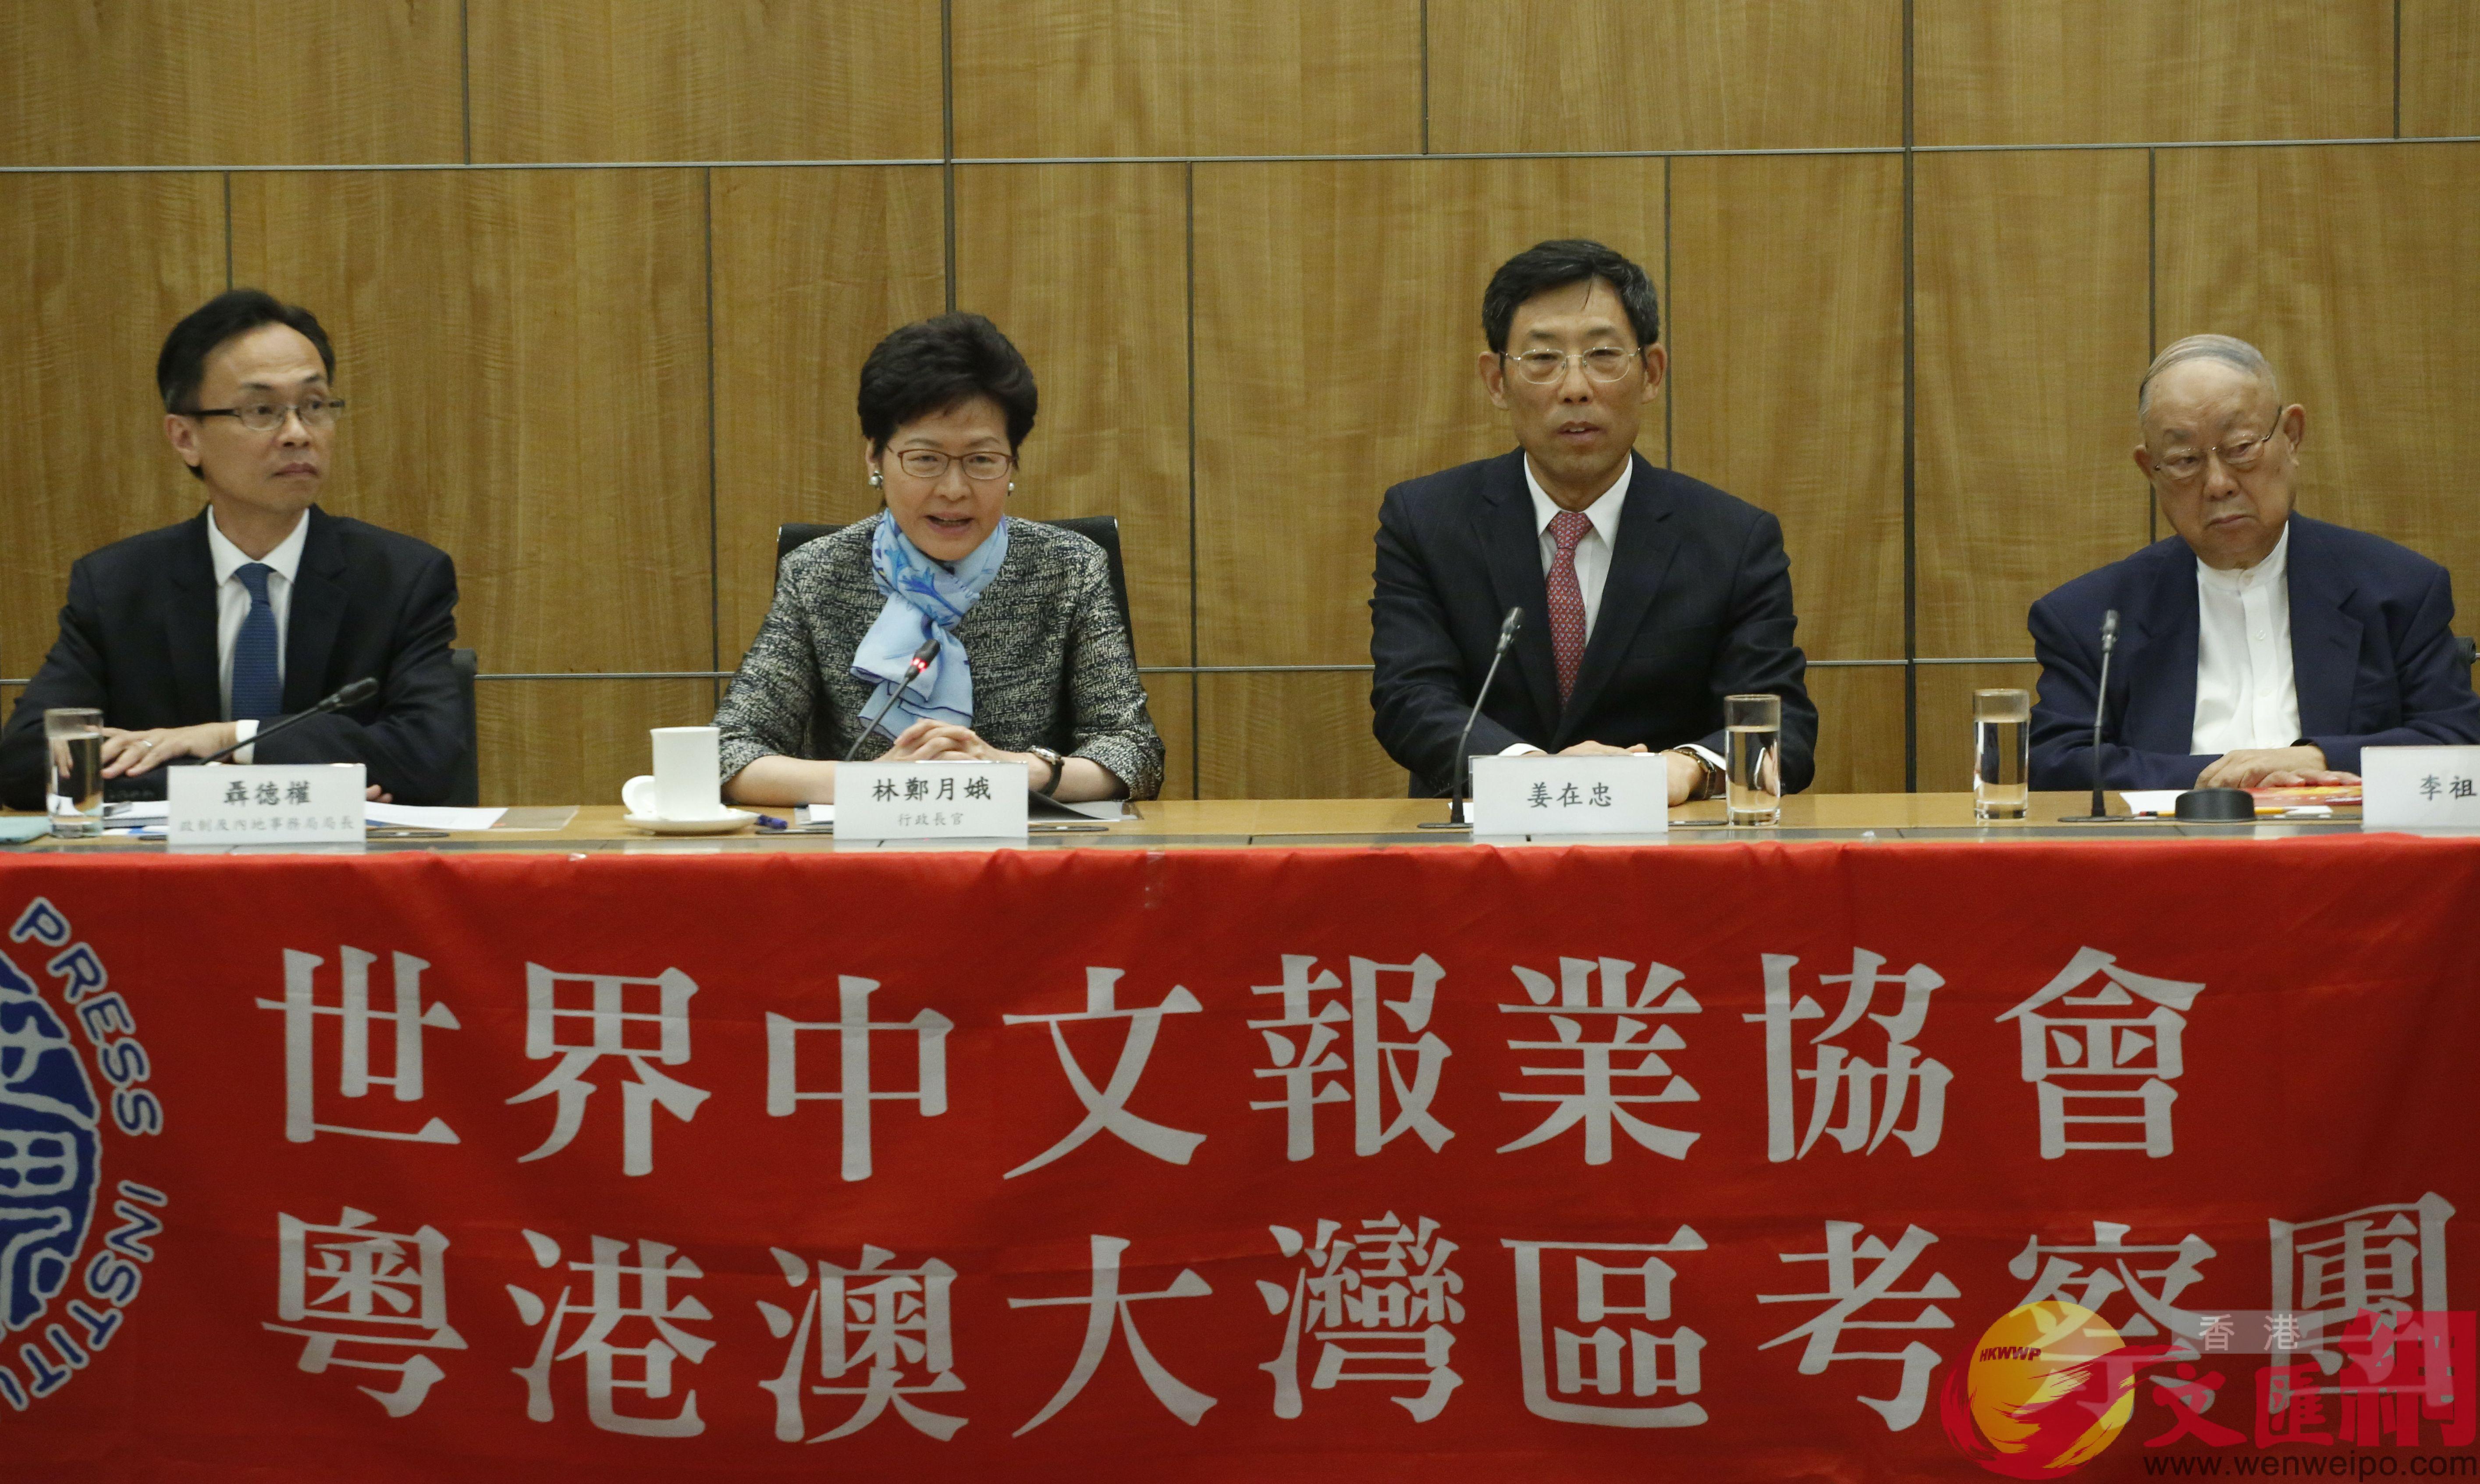 林鄭(左二)表示粵港澳三地要繼續緊密合作、互補共贏(全媒體記者曾慶威 攝)